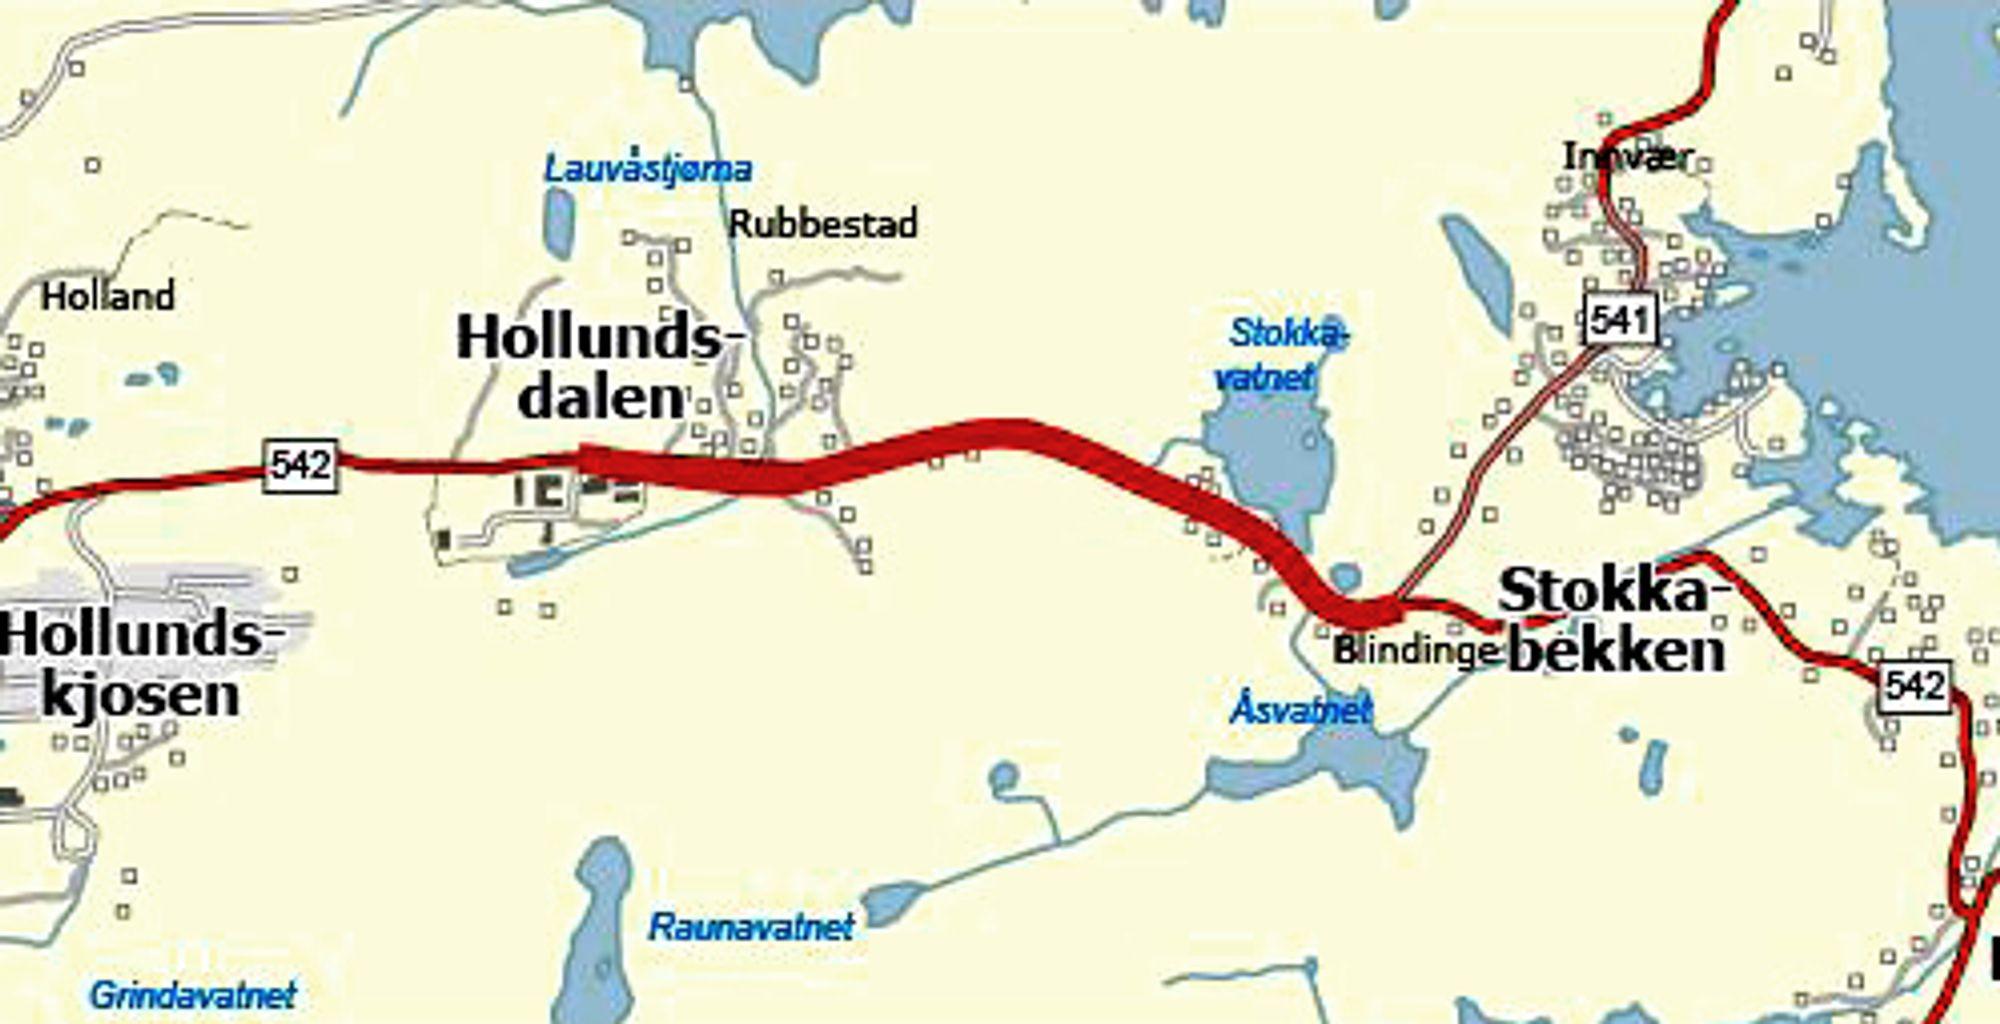 HAB Construction har fått kontrakten på utbedring av fylkesveg 542 mellom Hollundsdalen og Stokkabekken. Standardhevingen blir betydelig.